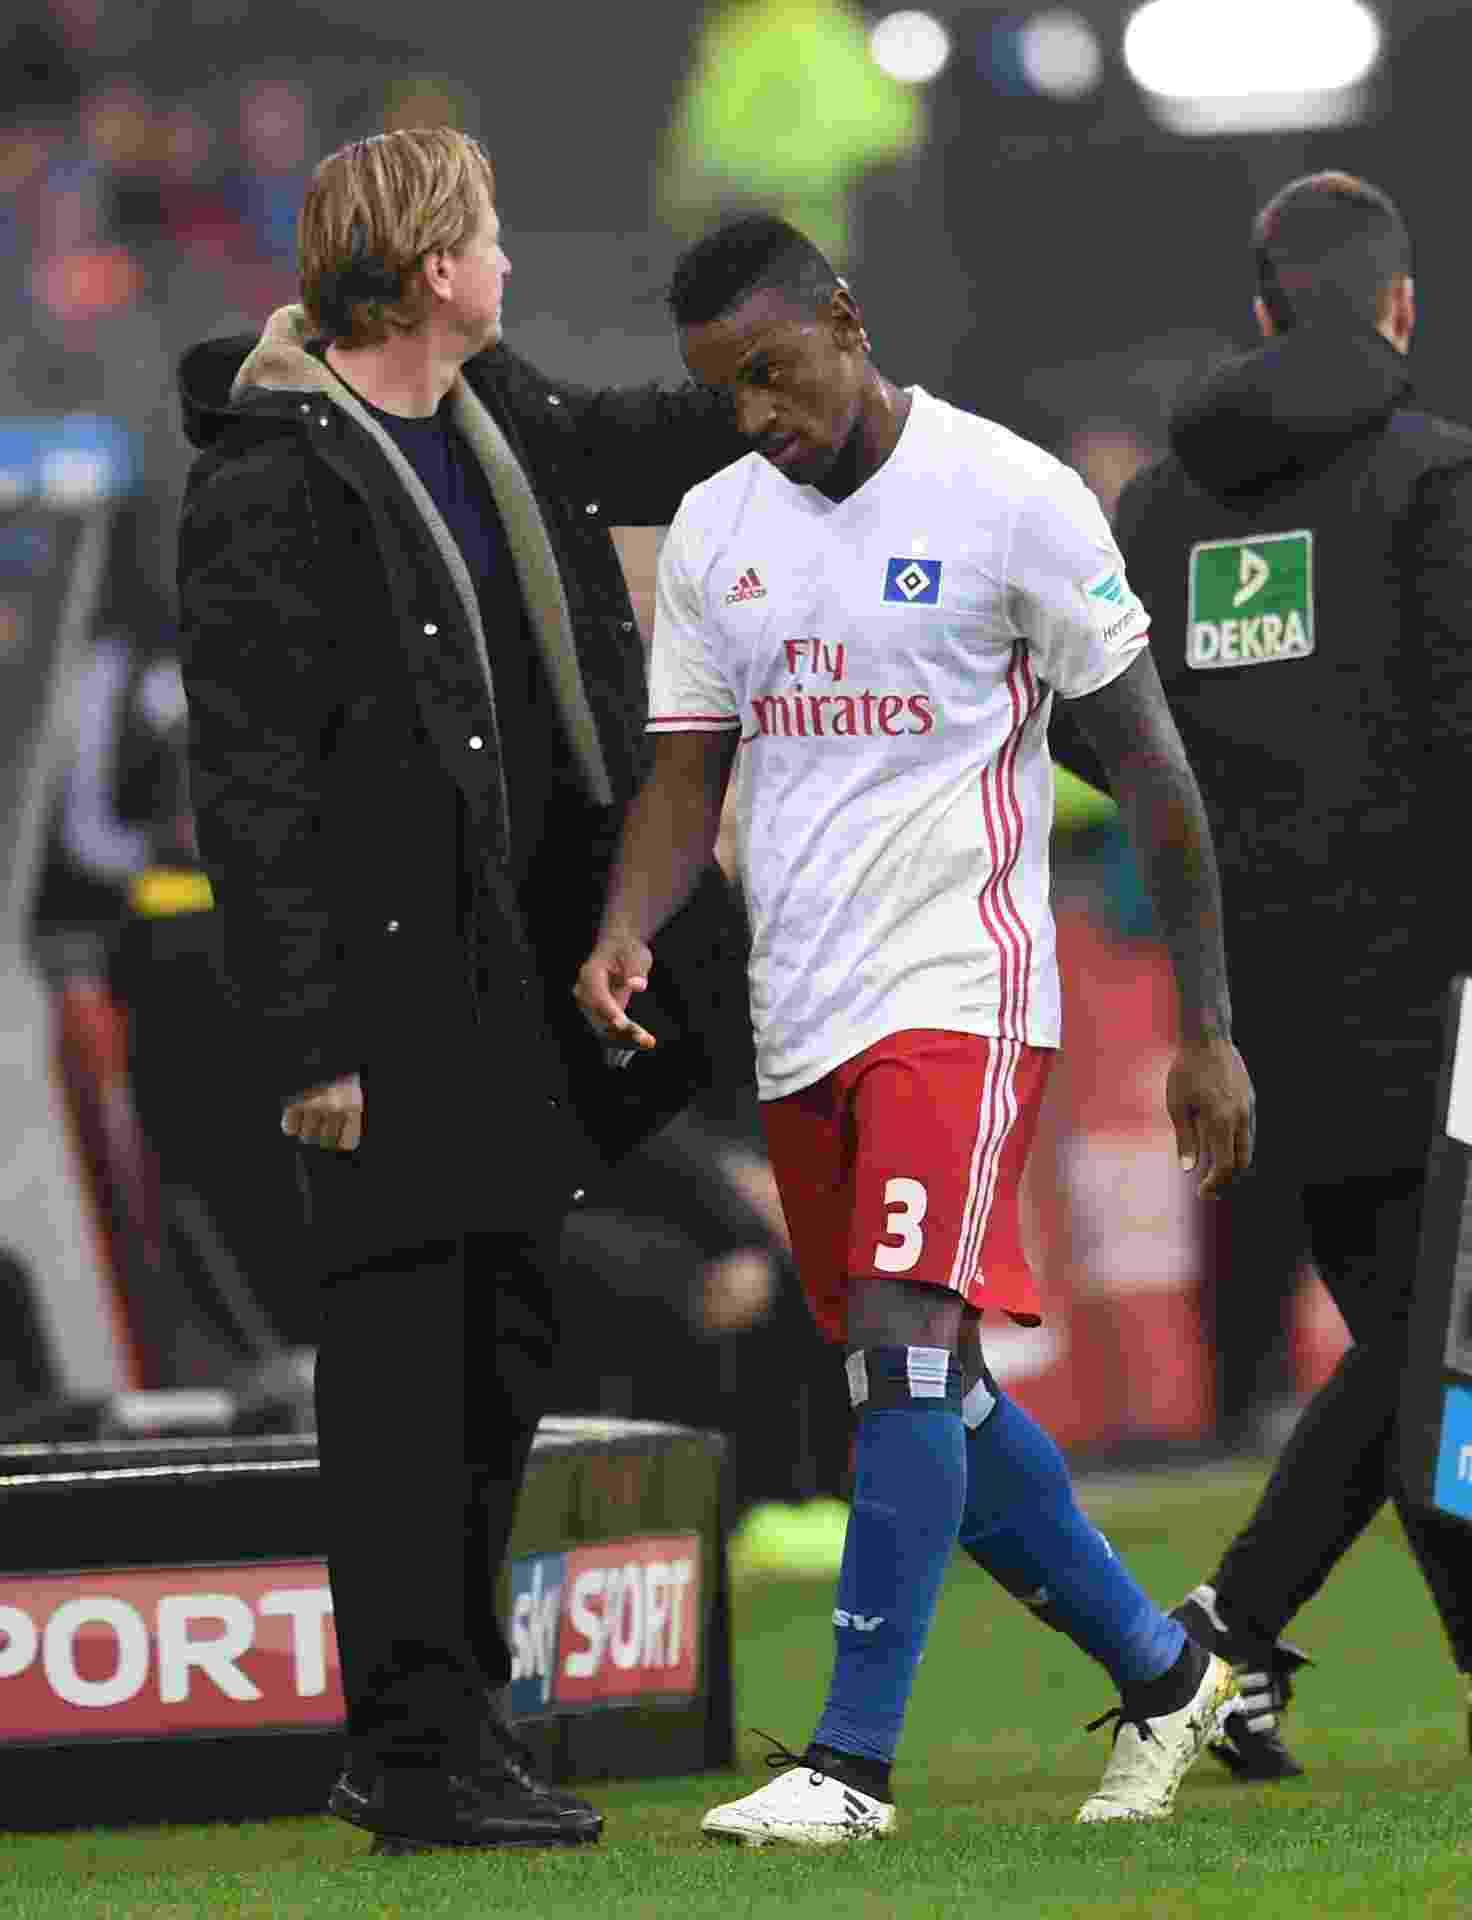 Negociado pelo Corinthians com o Hamburgo, o zagueiro Cleber pode estar de saída do futebol alemão; Santos aparece como possível destino - AFP / CARMEN JASPERSEN